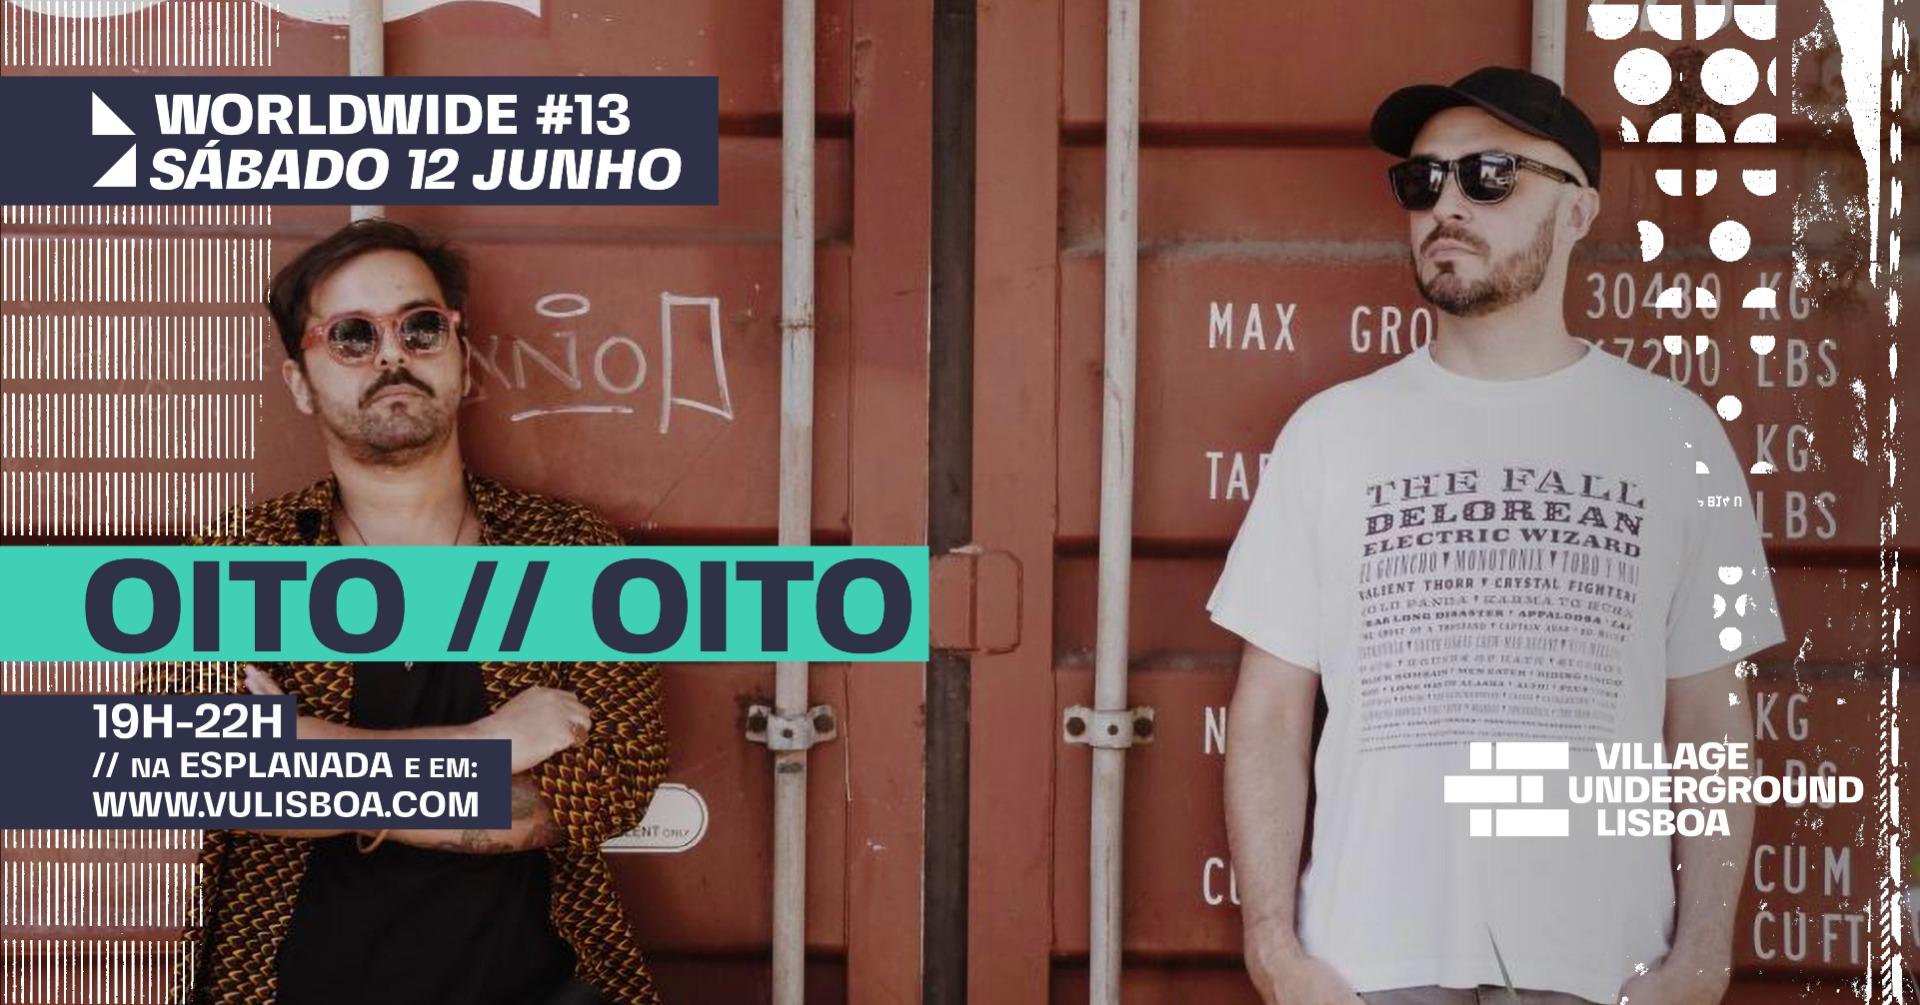 OITO // OITO DJ set